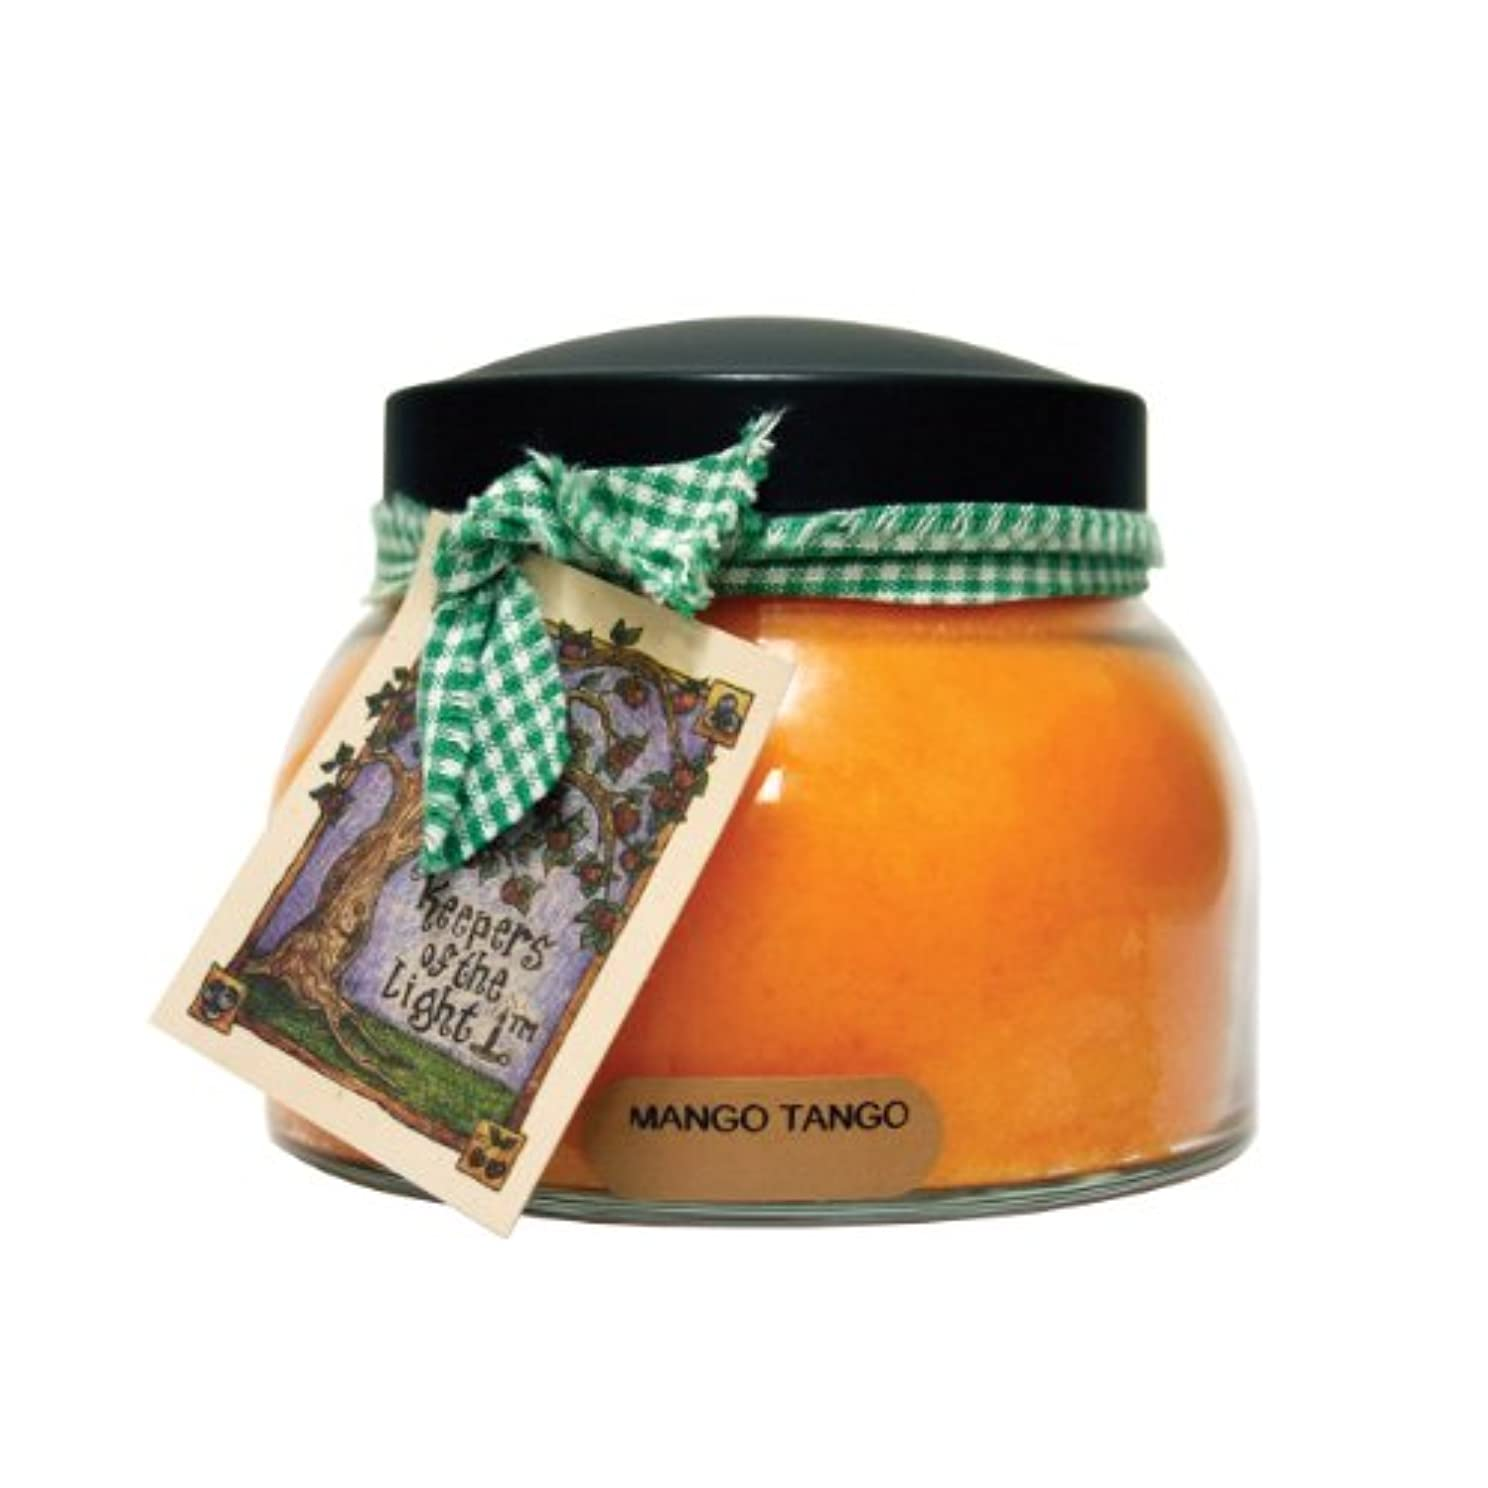 肥料それにもかかわらず役割A Cheerful Giver Mango Tango ベイビージャーキャンドル 22oz JM83